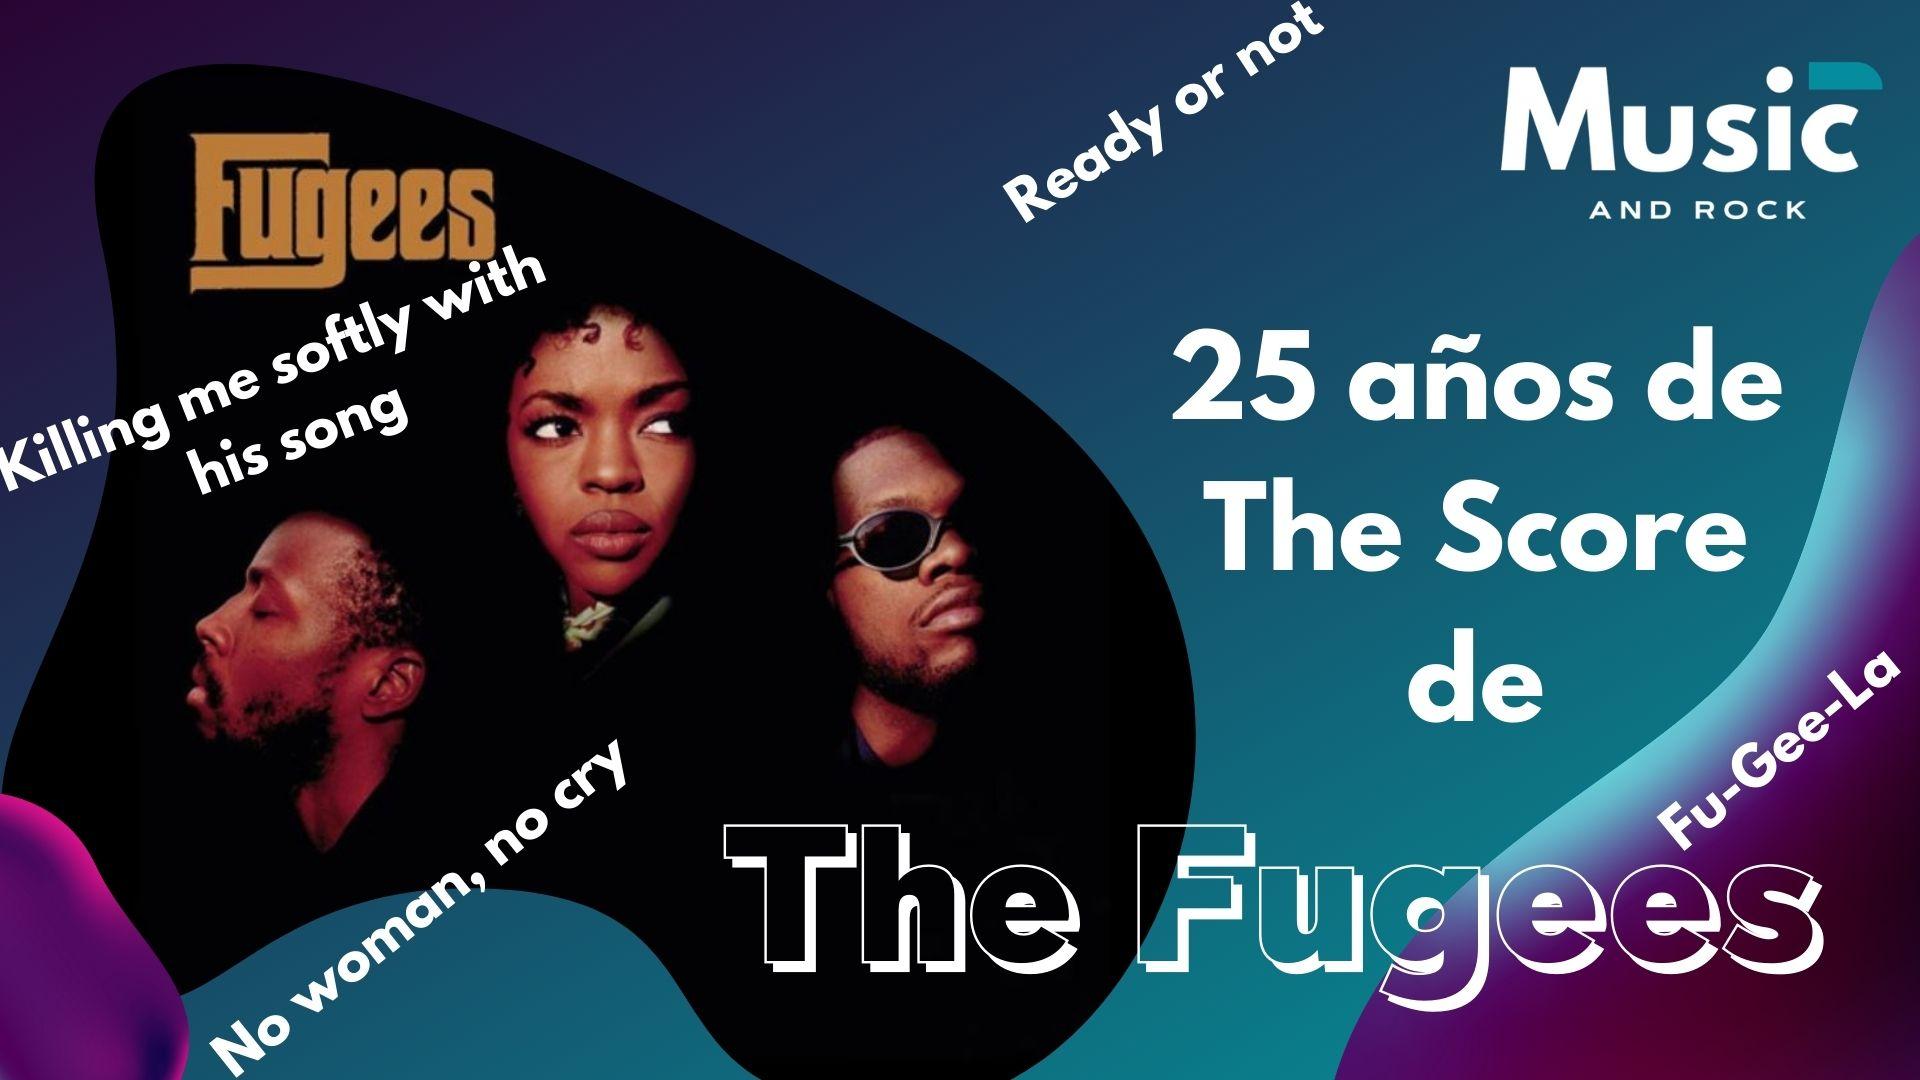 """25 años de The Score de The Fugees, un disco imprescindible de los 90<span class=""""wtr-time-wrap after-title""""><span class=""""wtr-time-number"""">8</span> minutos de lectura</span>"""